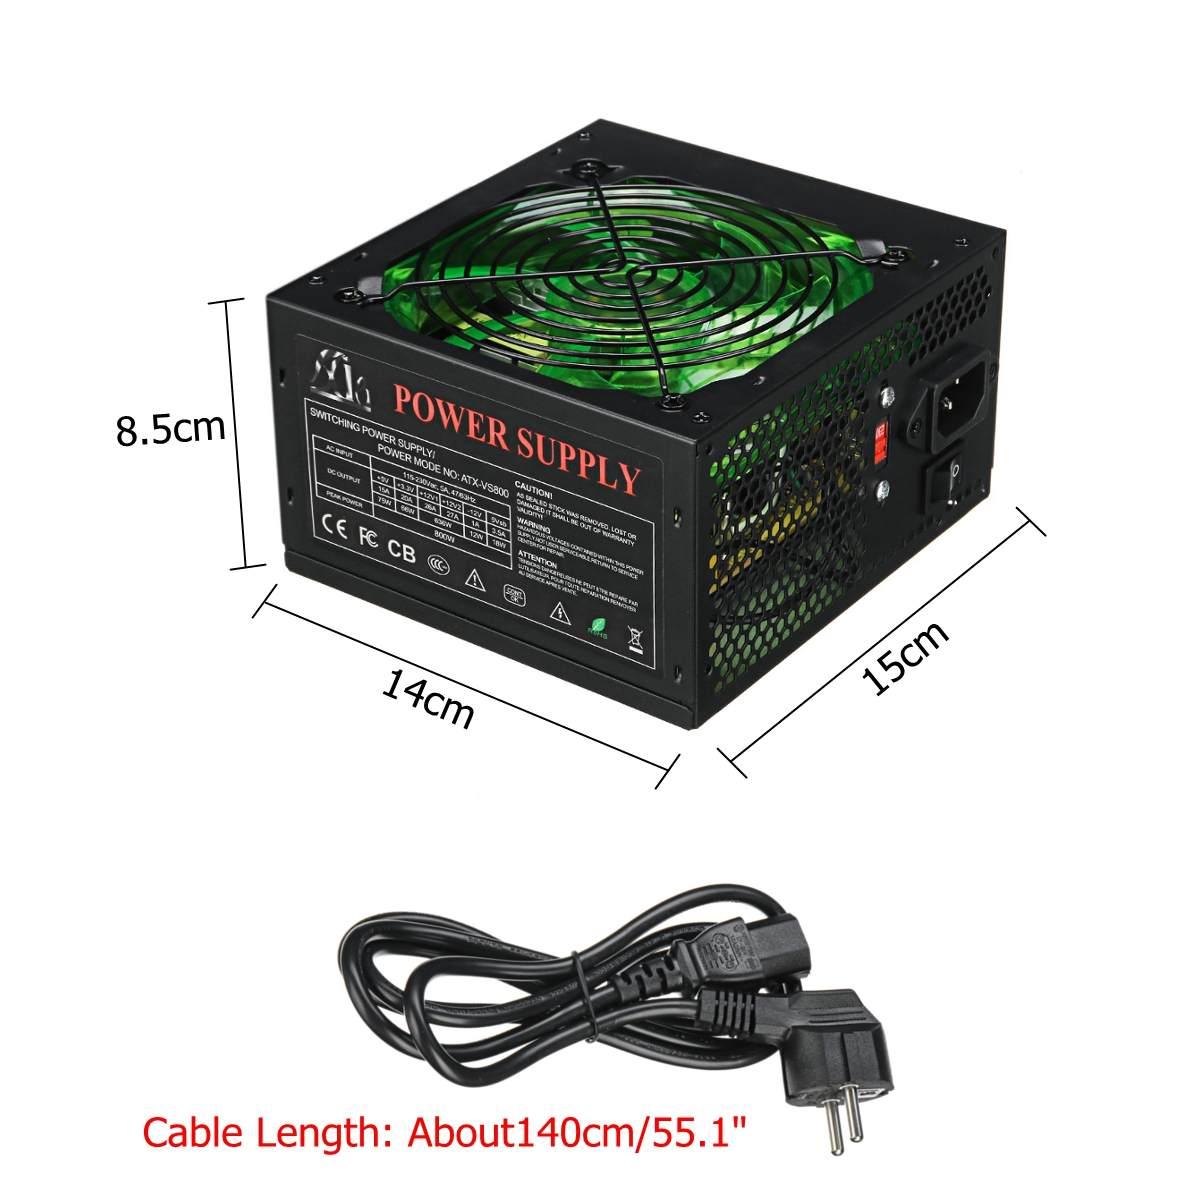 800W 110 ~ 220V Alimentation PC 12cm LED Ventilateur silencieux avec contrôle de température Intelligent Intel AMD ATX 12V pour ordinateur de bureau - 4